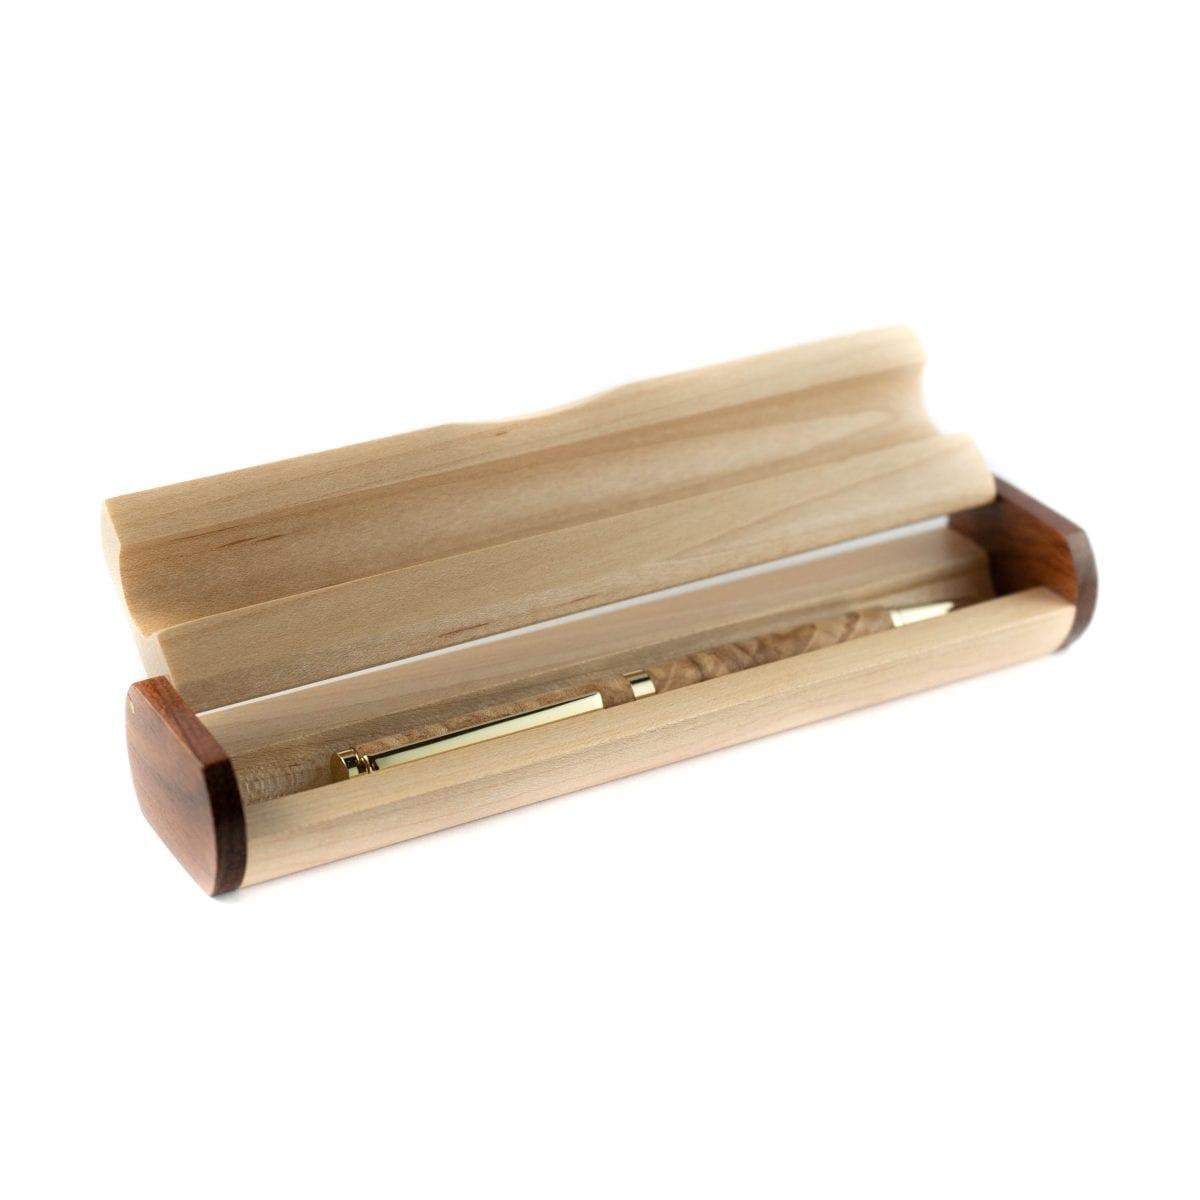 Handgemaakte houten Pen Doos - Unieke houten Pennendoos